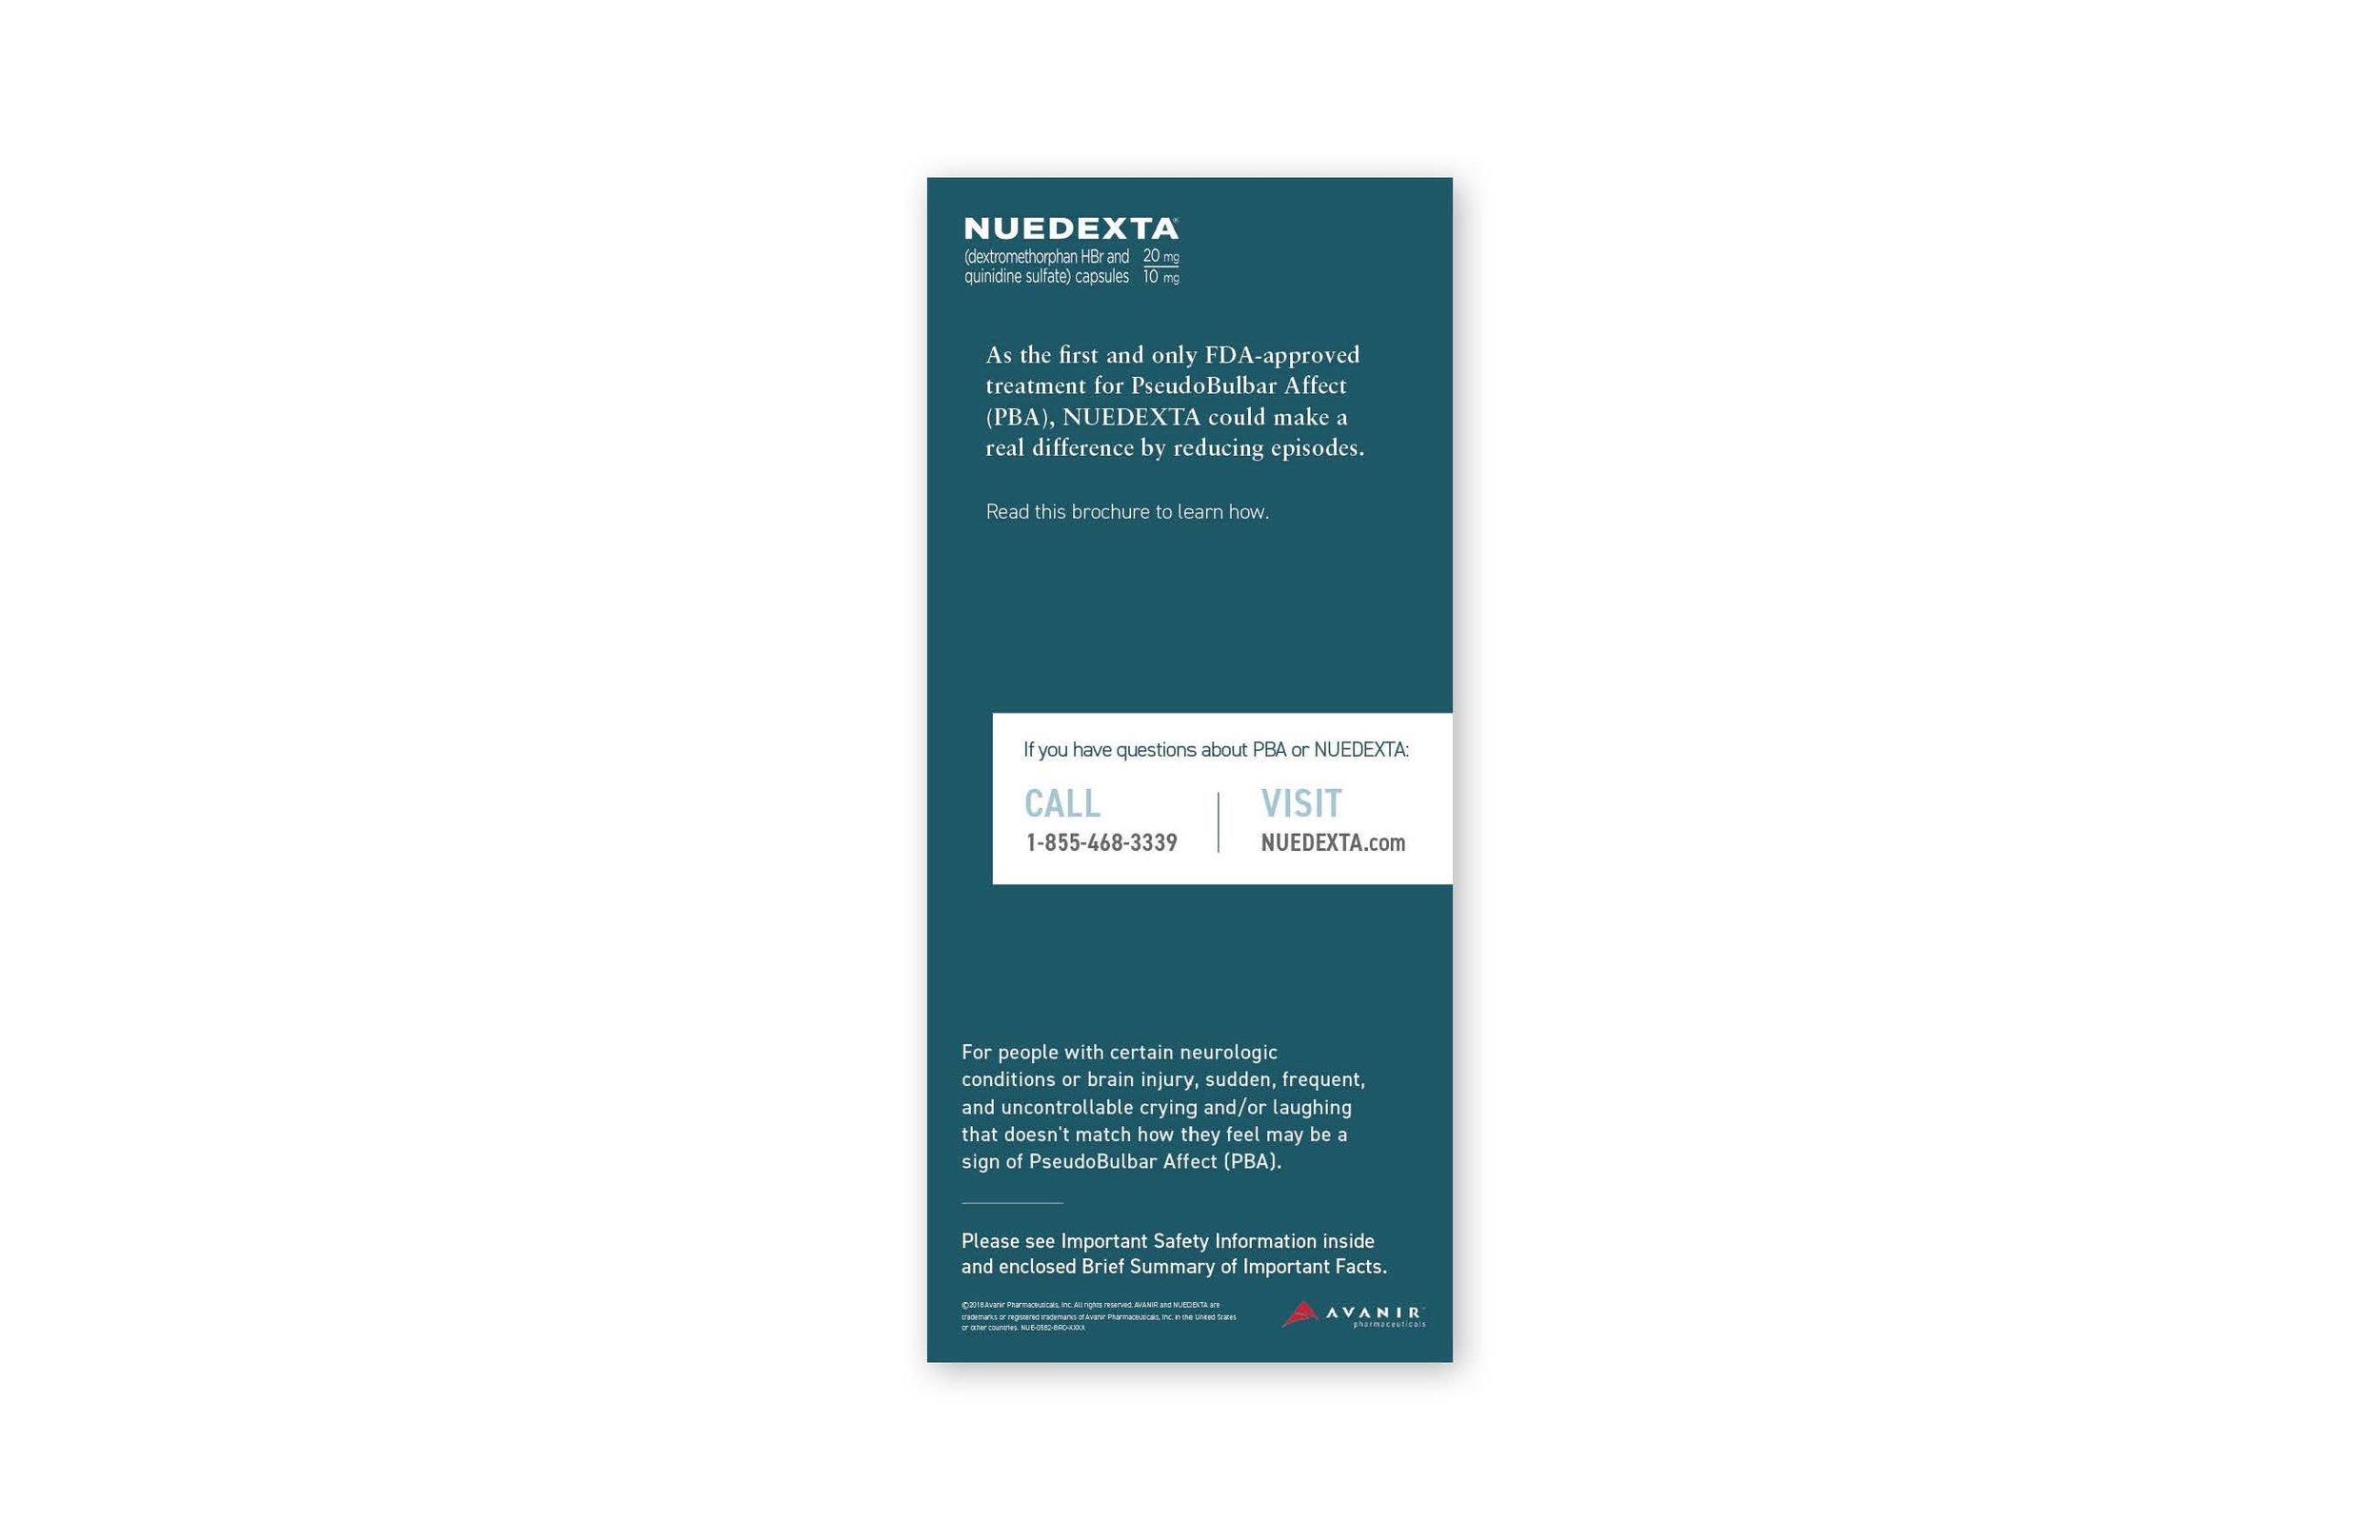 Nuedexta-Brochure-R4JPEG_Page_15.jpg